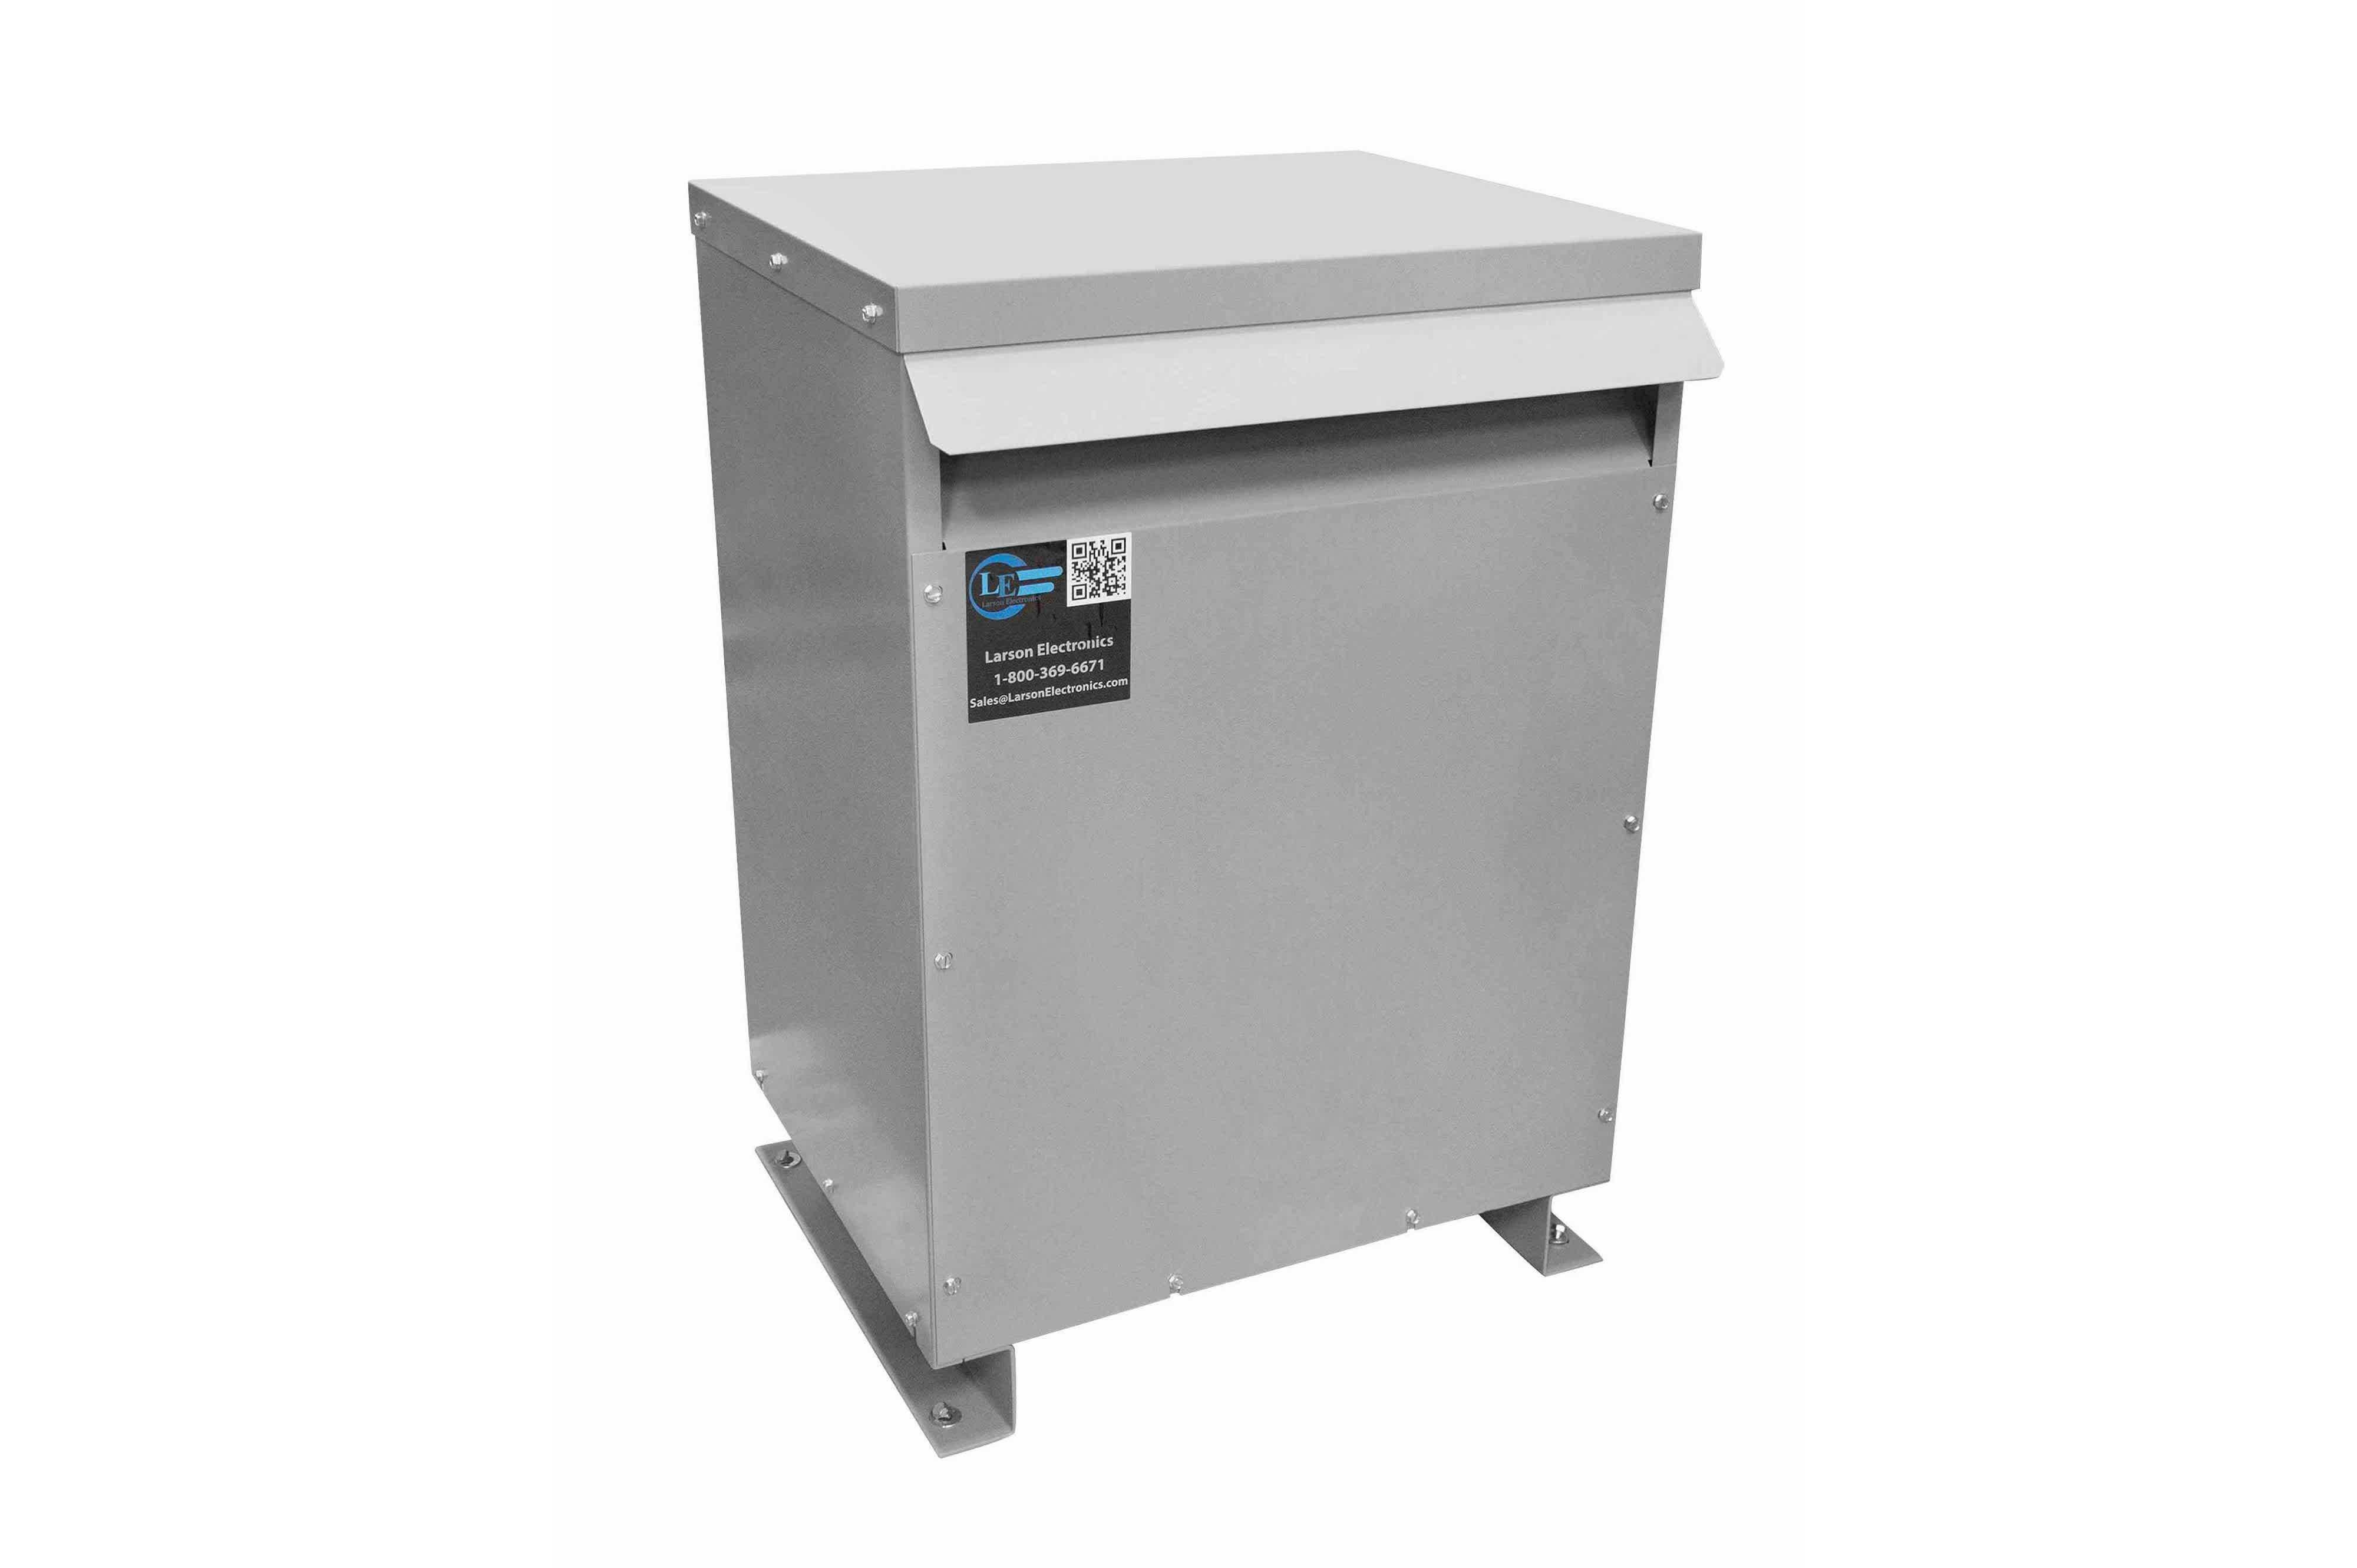 20 kVA 3PH Isolation Transformer, 415V Delta Primary, 600V Delta Secondary, N3R, Ventilated, 60 Hz